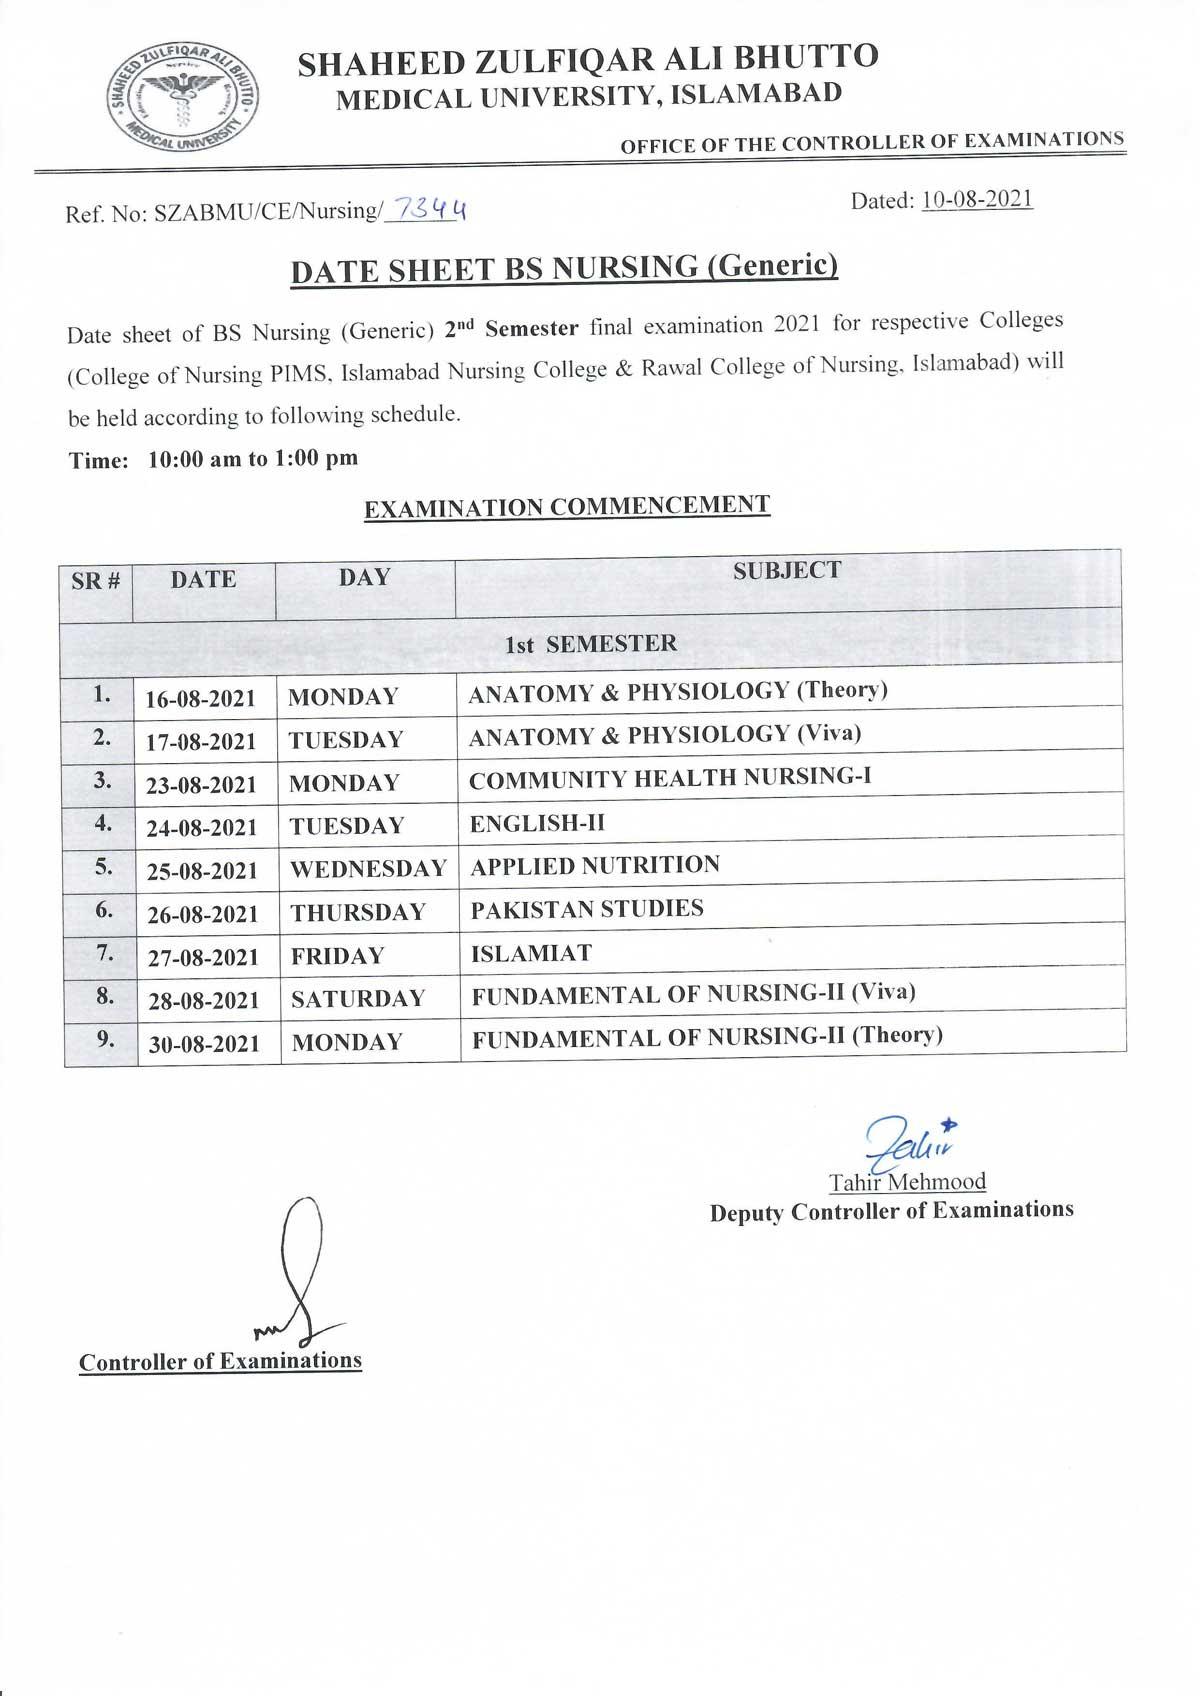 Date Sheet - BS Generic 2nd Semester Final Examination 2021